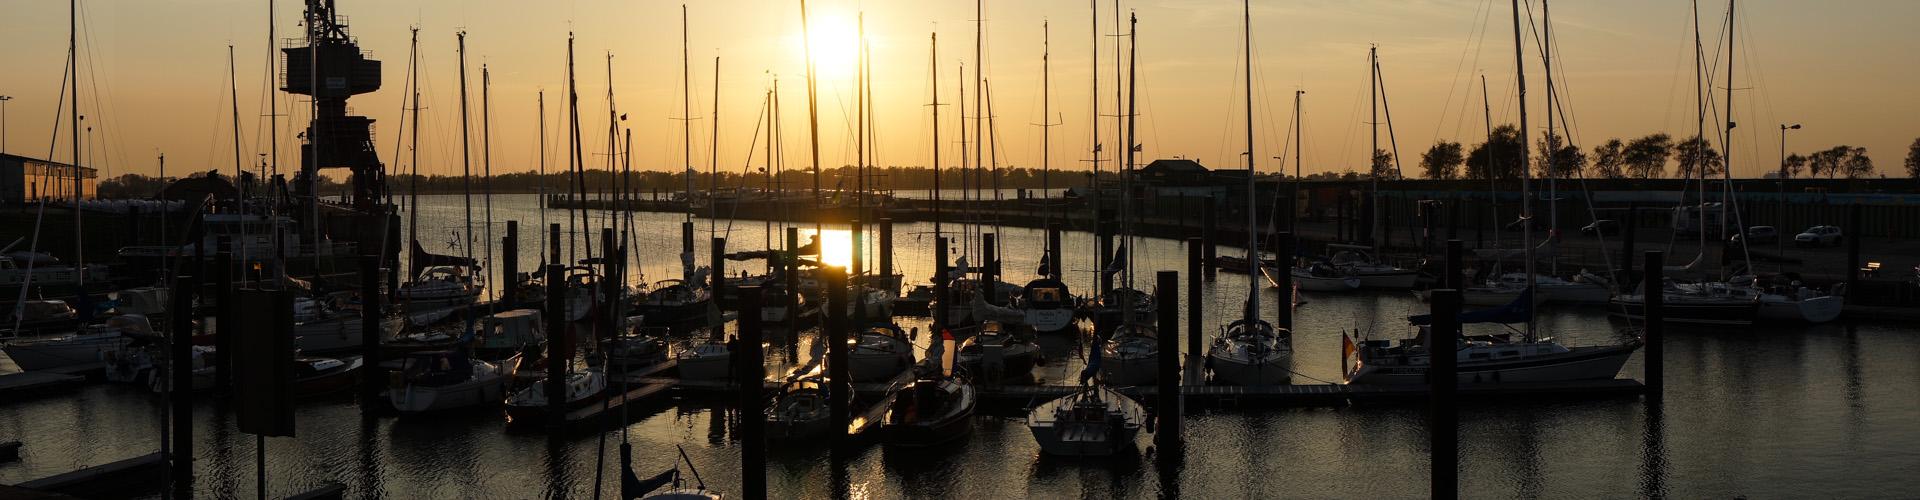 Abendstimmung im Hafen / Outer harbour